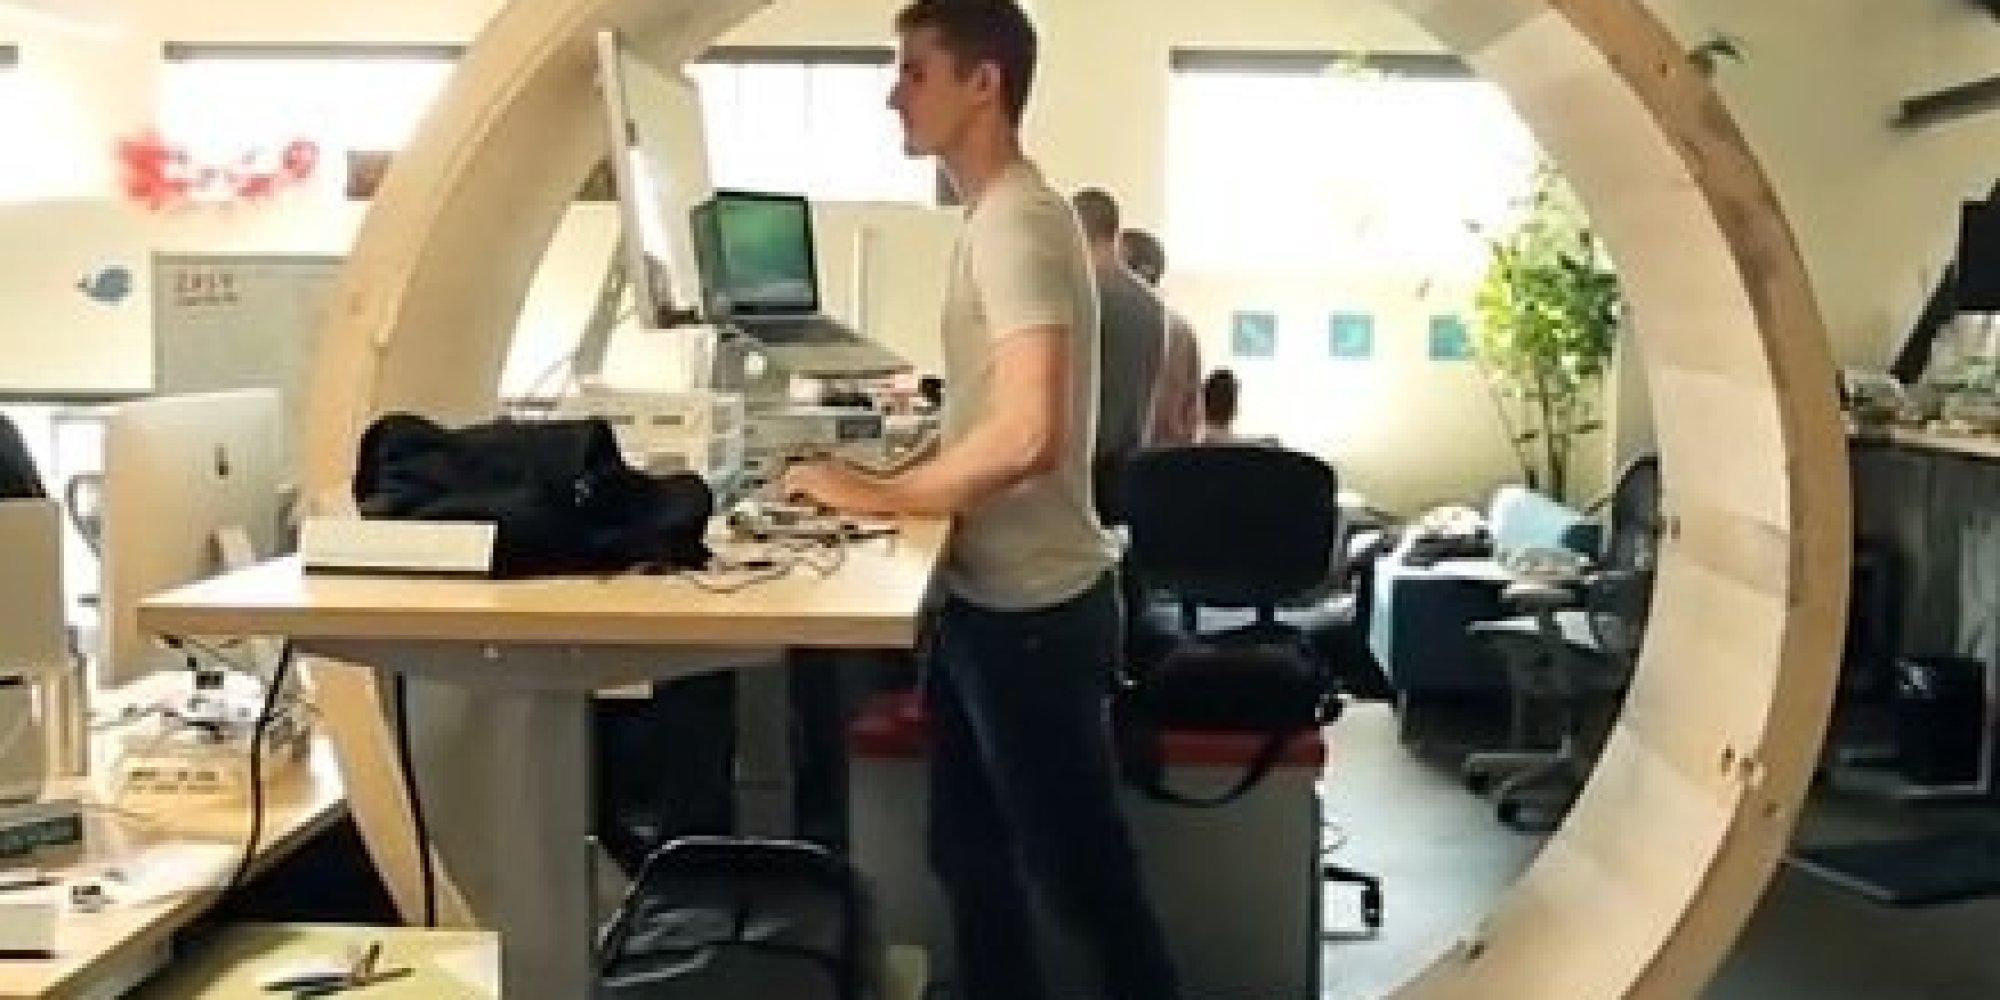 Une roue de hamster géante pour ne plus rester assis toute la journée au bureau